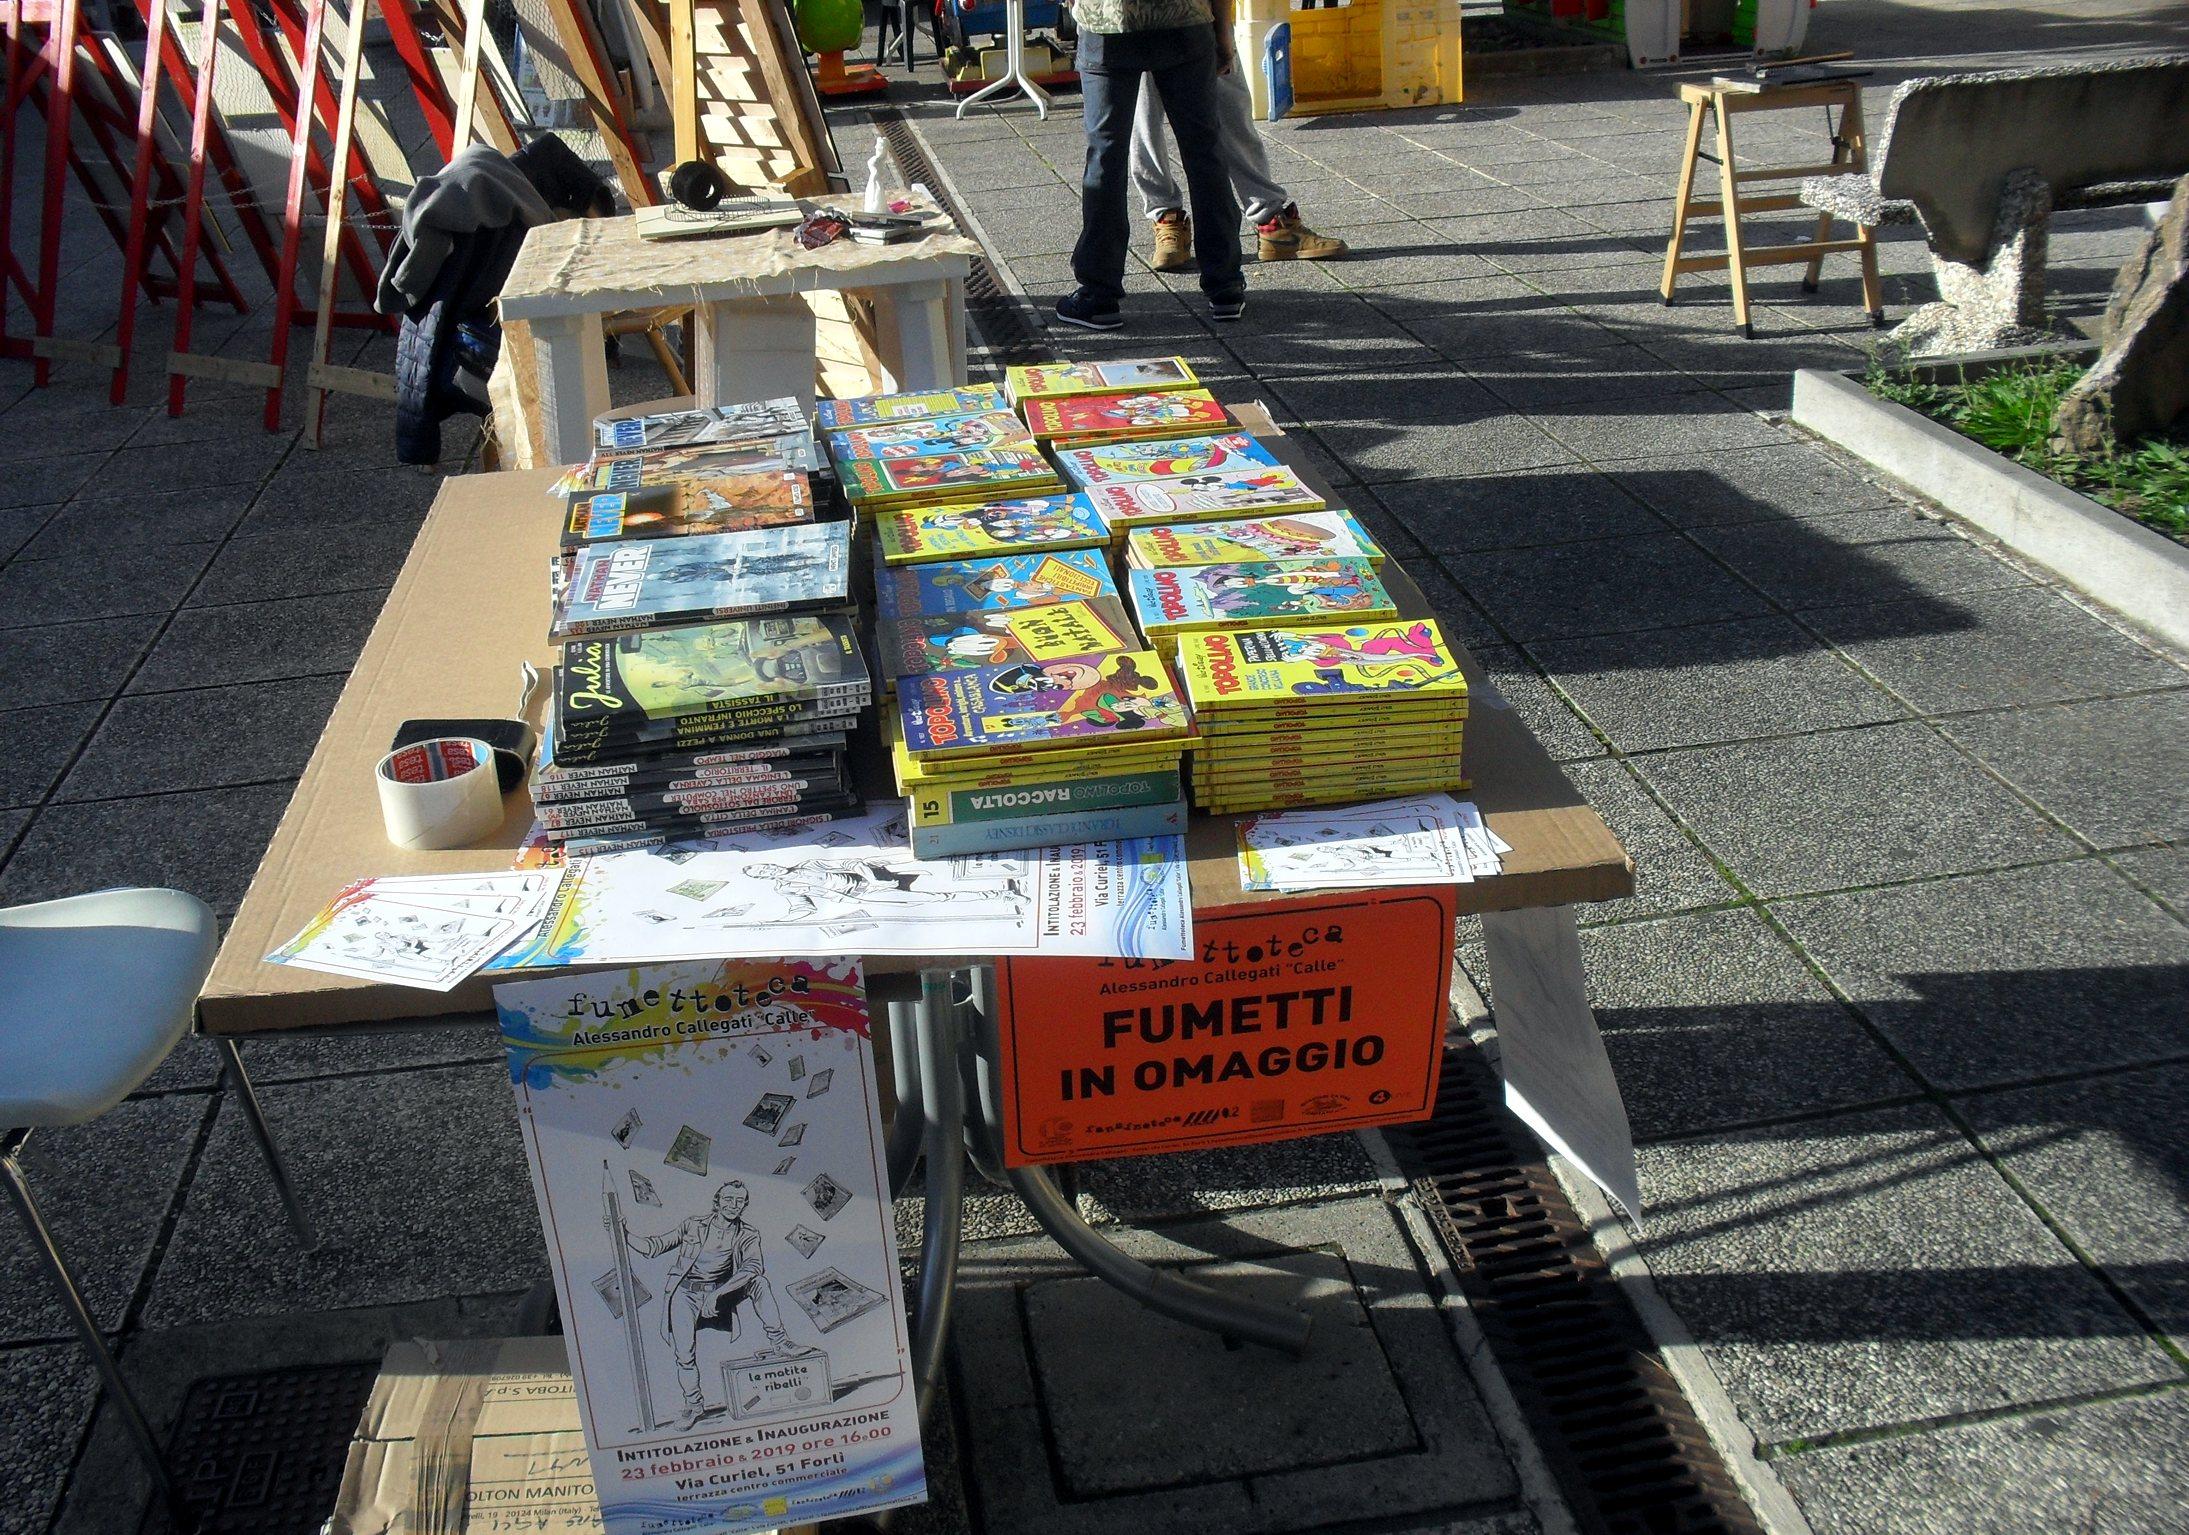 Fumettoteca-Alessandro-Callegati-Calle-Mercatino-2019-2